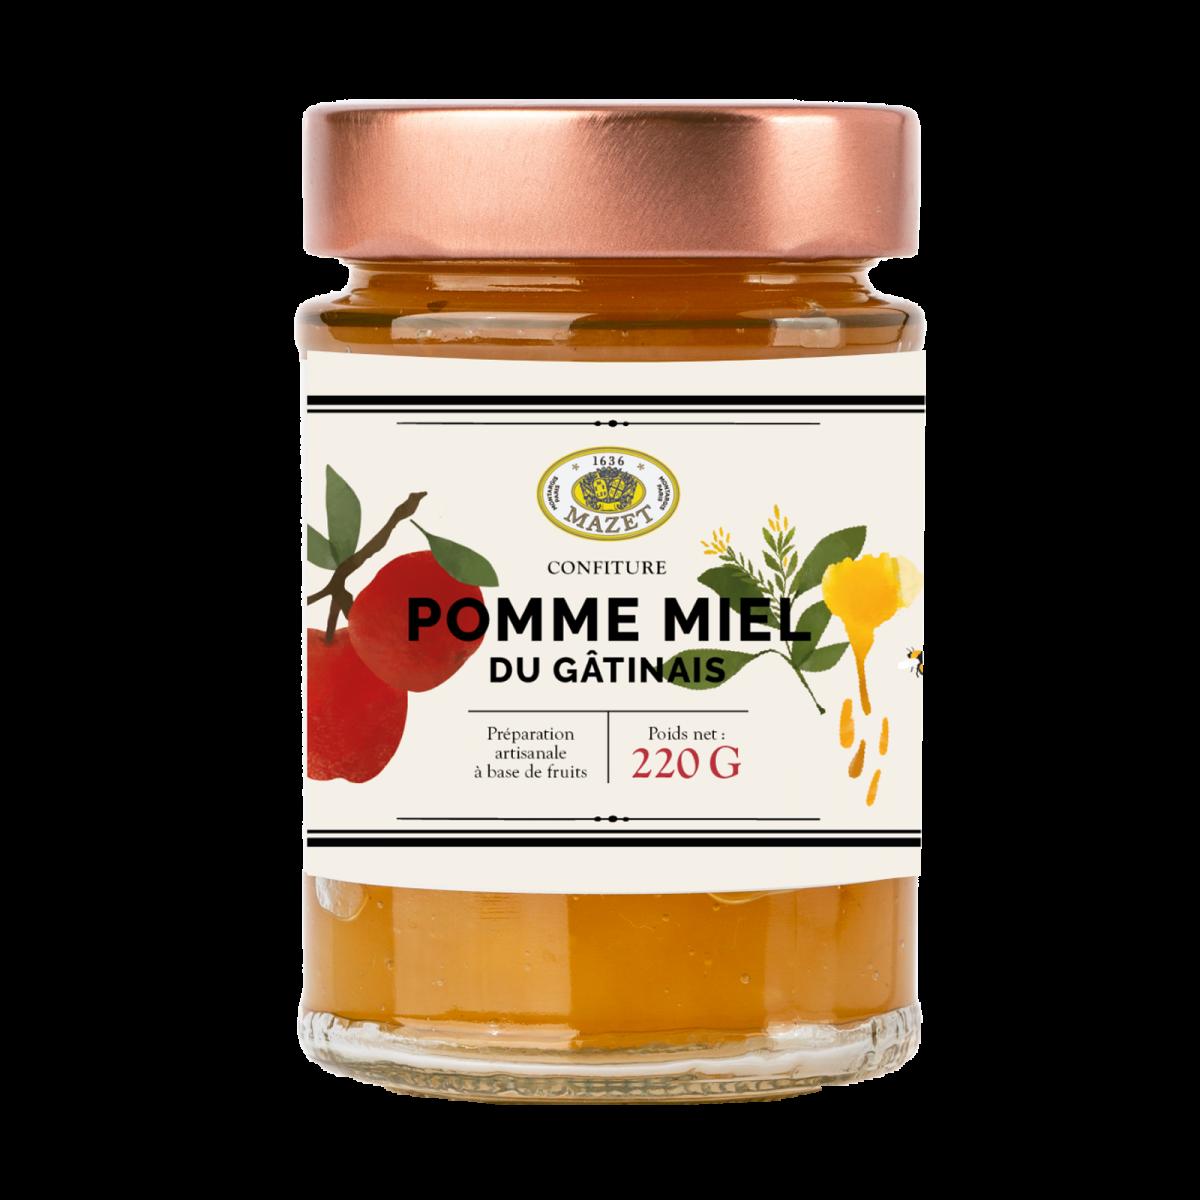 Confitures - Confiture pomme miel du Gâtinais 220g